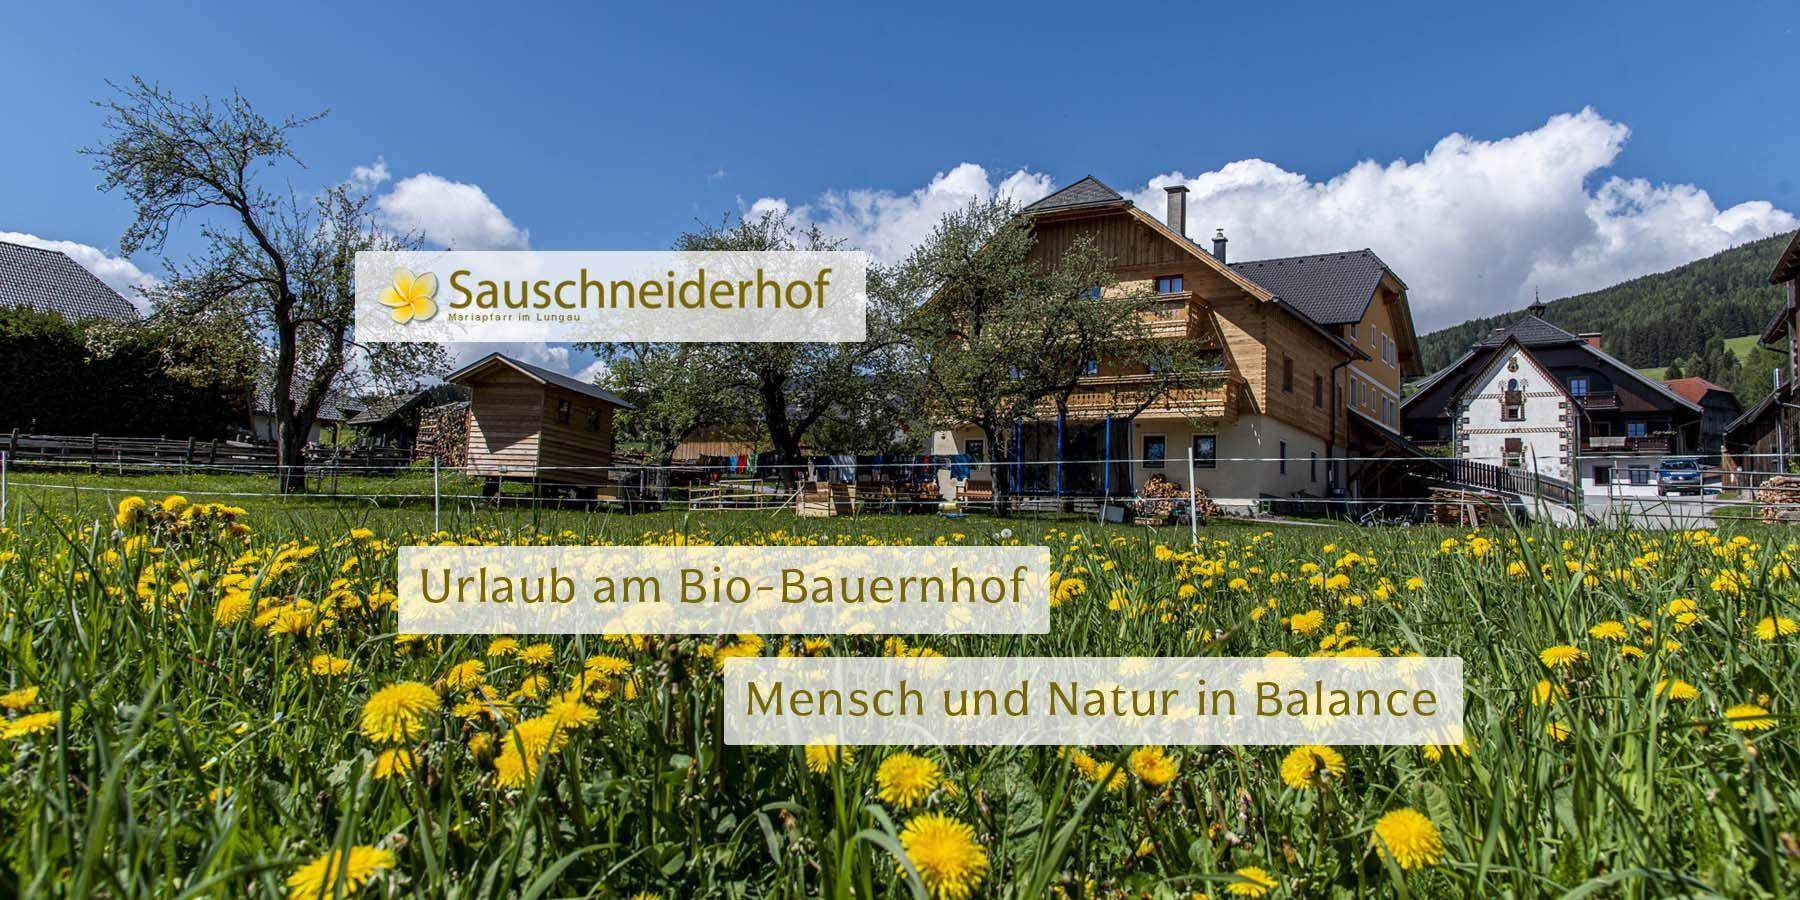 Sauschneiderhof - Wieland - Mariapfarr - Bio-Bauernhof